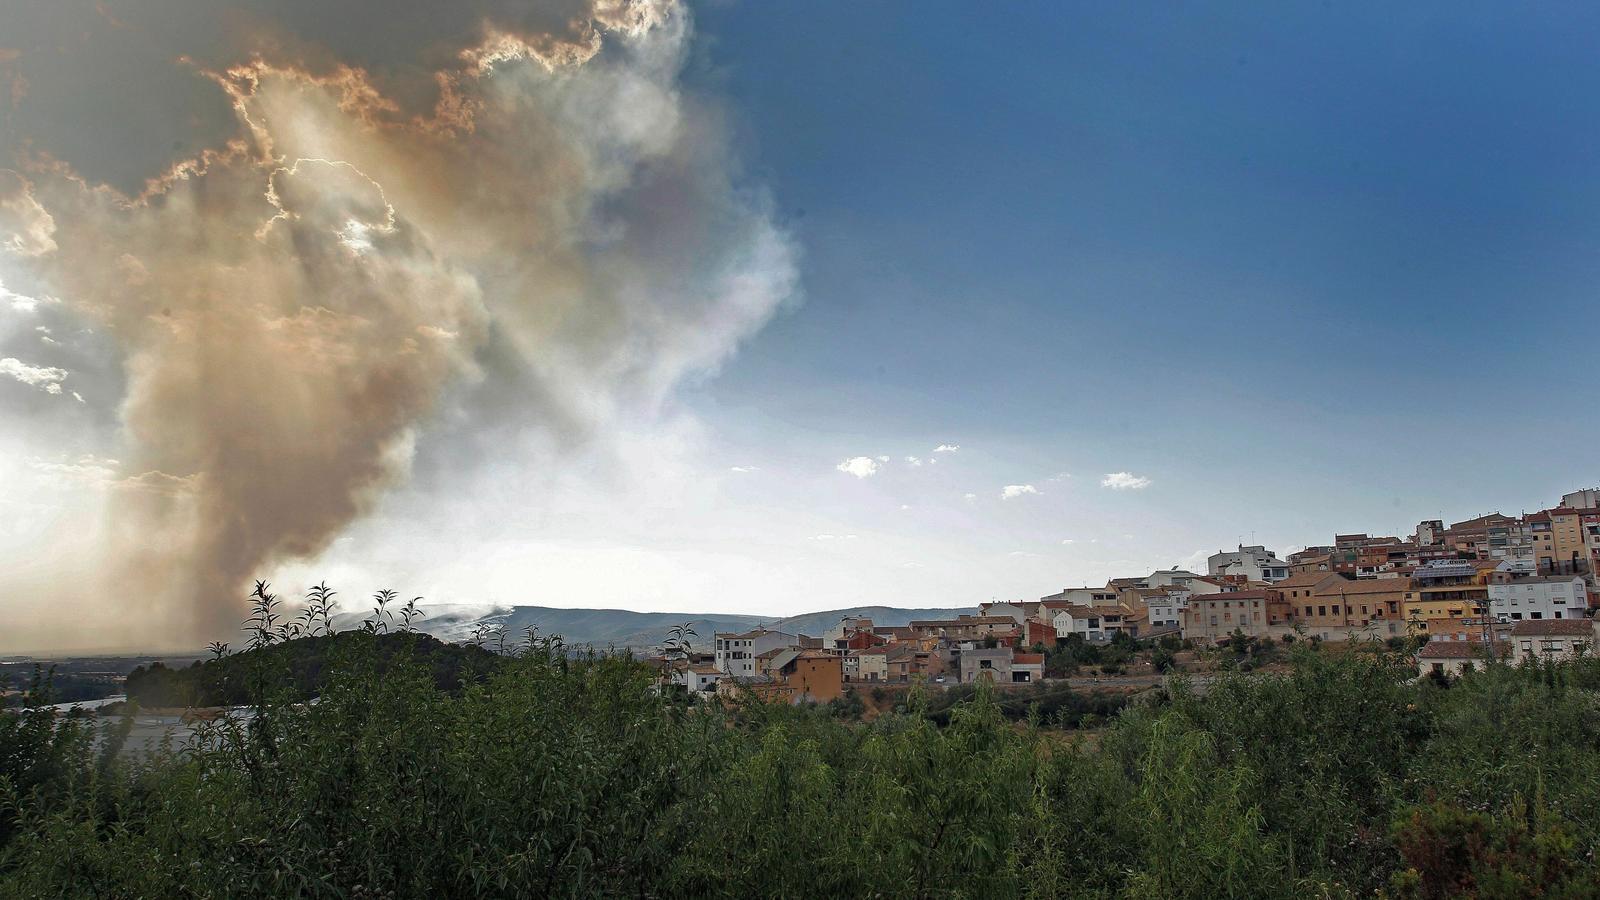 L'incendi iniciat a Beneixama, al sud del País Valencià, vist de Banyeres de Mariola